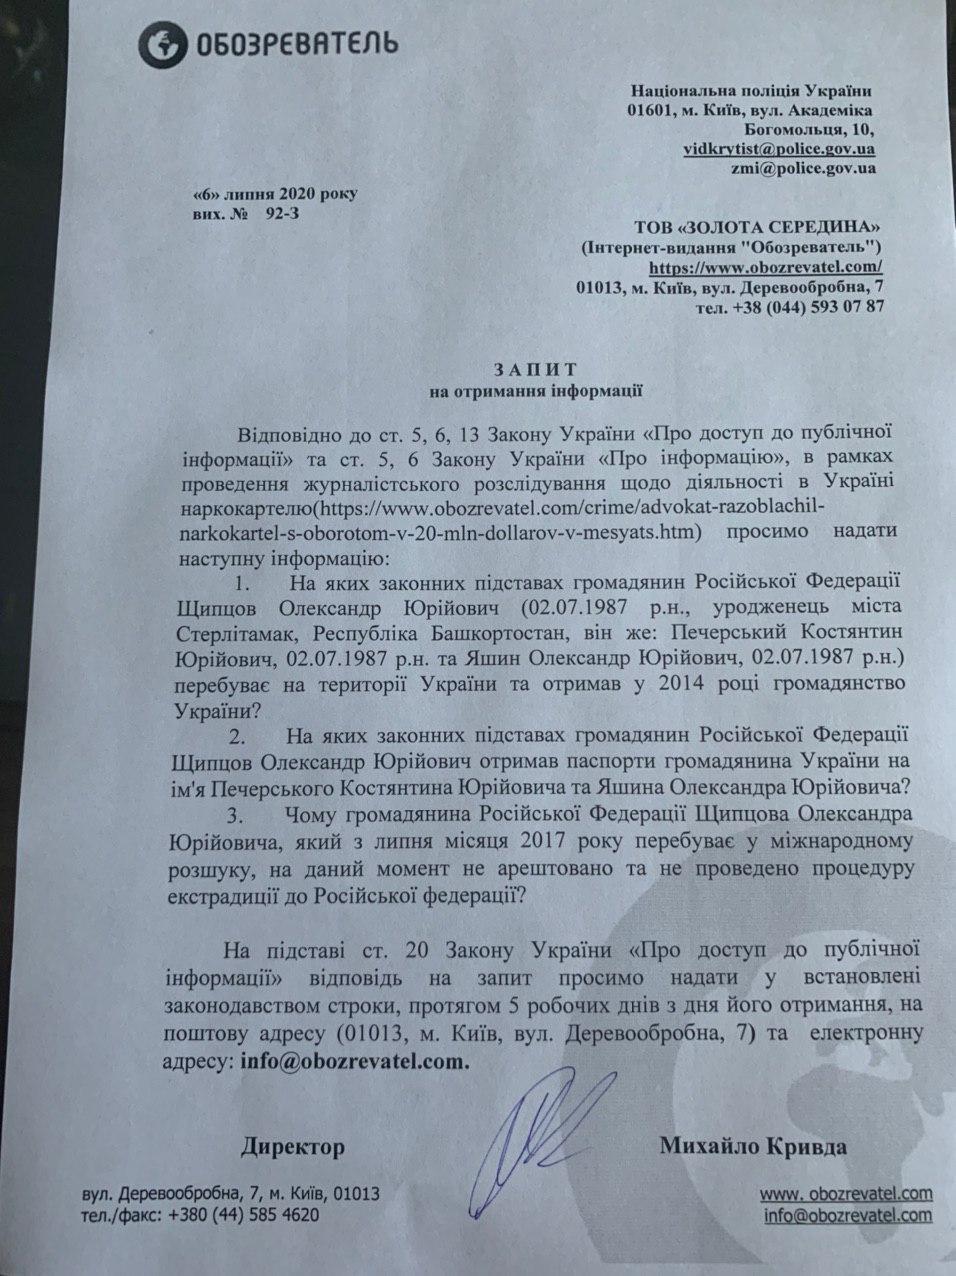 Правоохоронців просять розслідувати можливу причетність росіянина до наркоторгівлі в Україні